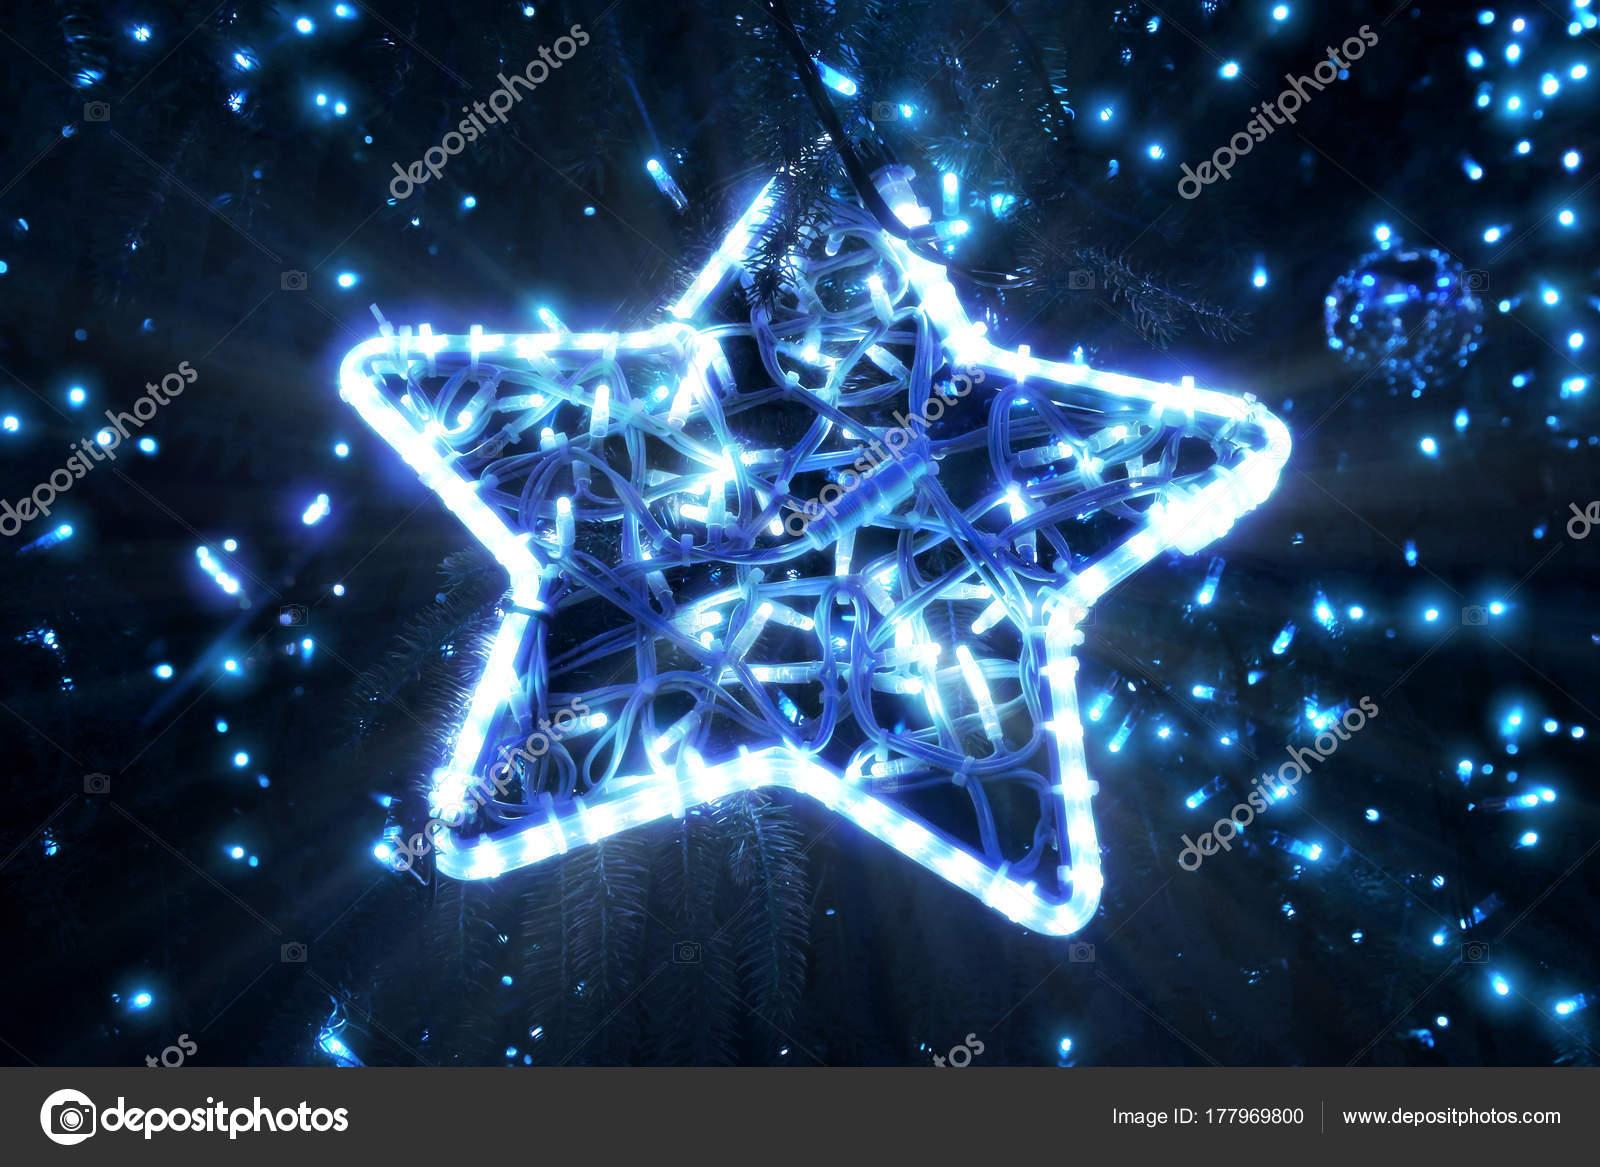 Stella Albero Di Natale Luminosa.Bella Stella Incandescente Luminosa Su Un Albero Di Natale La Sera